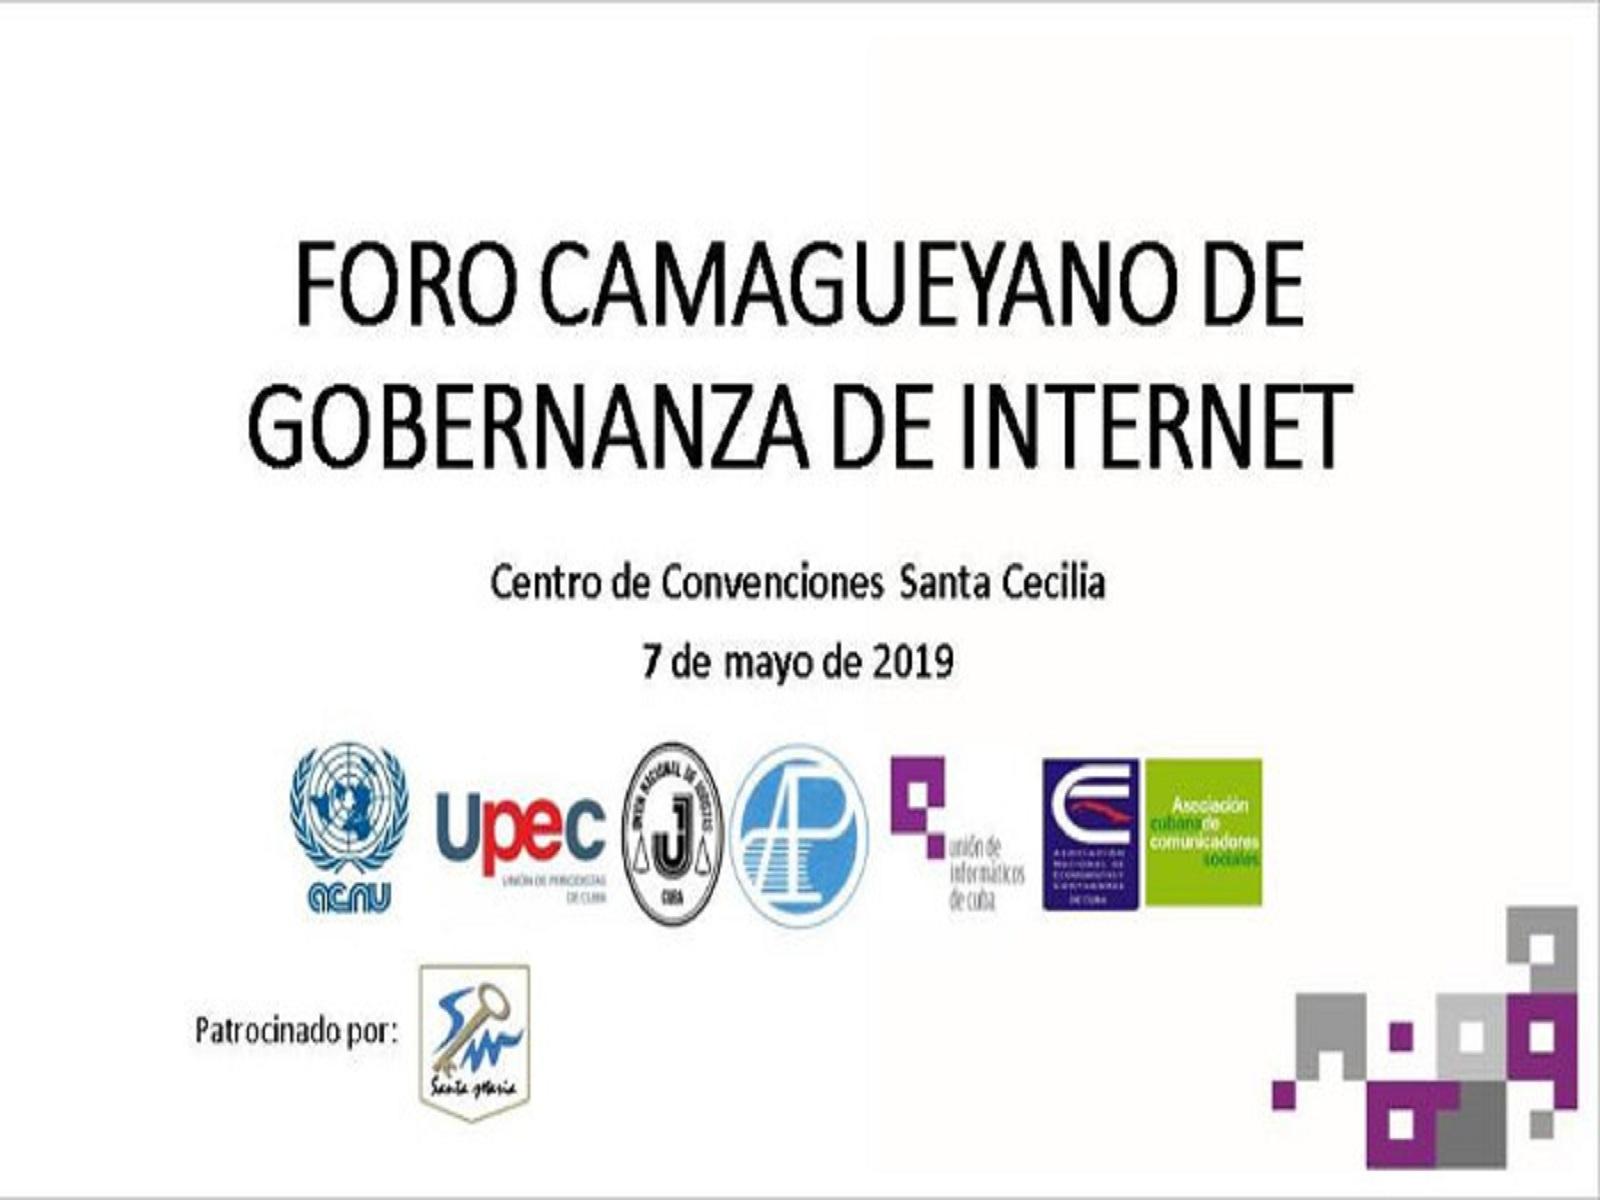 magen: Tomada de evento Foro Camagüeyano de Gobernanza de Internet, en Facebook